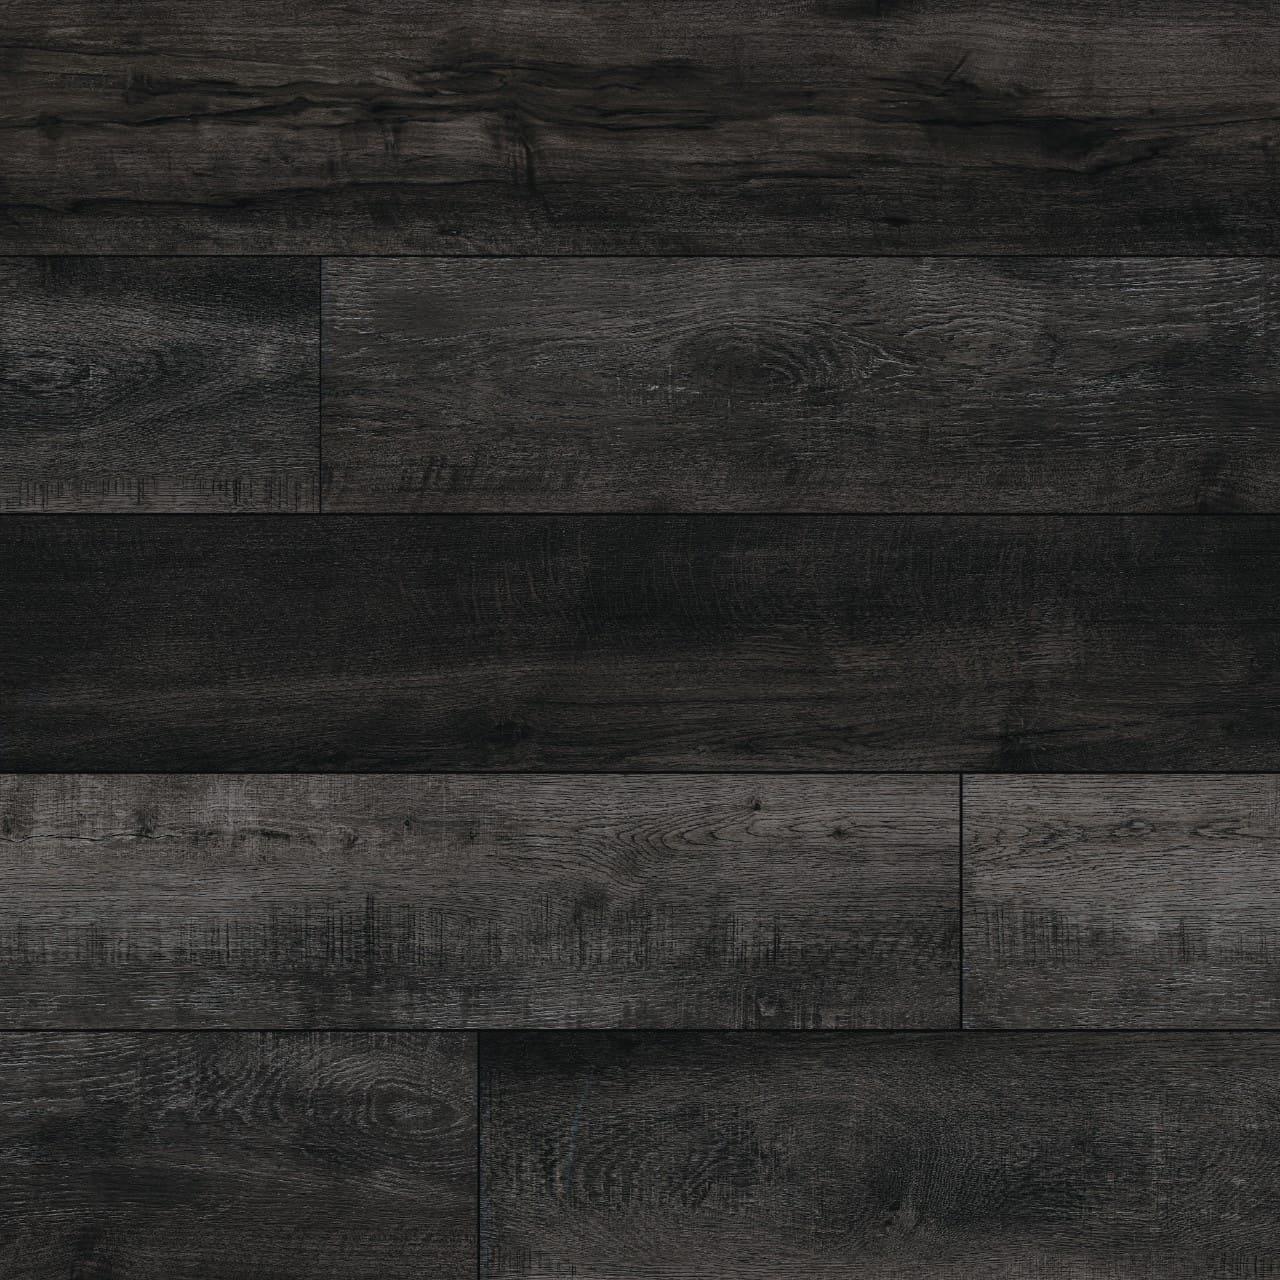 Andover Dakworth Vinyl Flooring